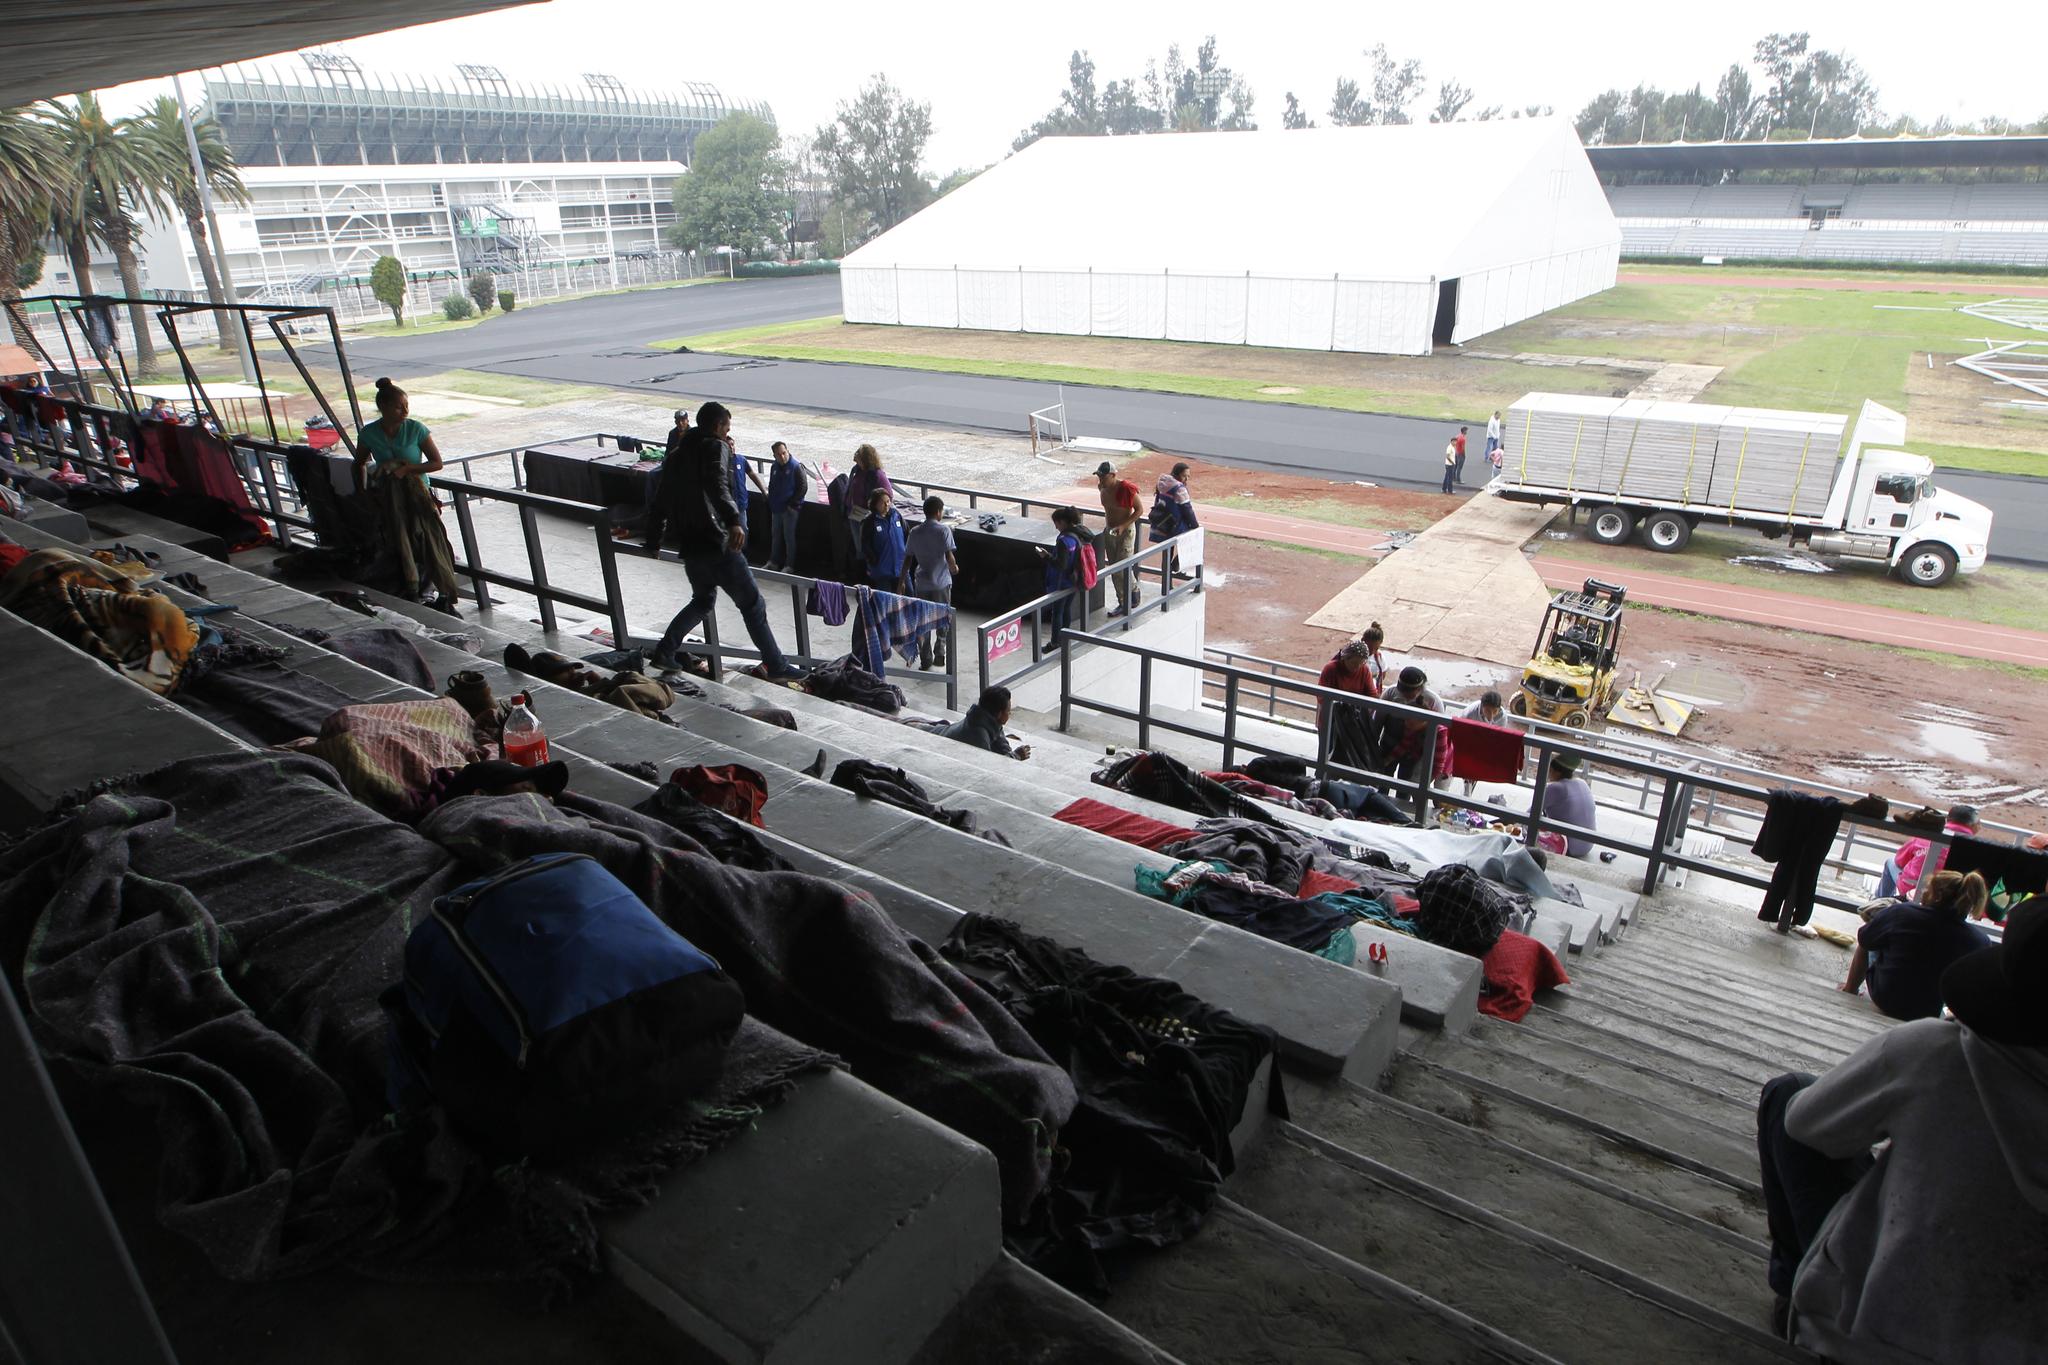 4일(현지시간) 멕시코 시티 헤수스 마르티네스 스타디움에 마련된 임시 보호소 모습. [EPA=연합뉴스]